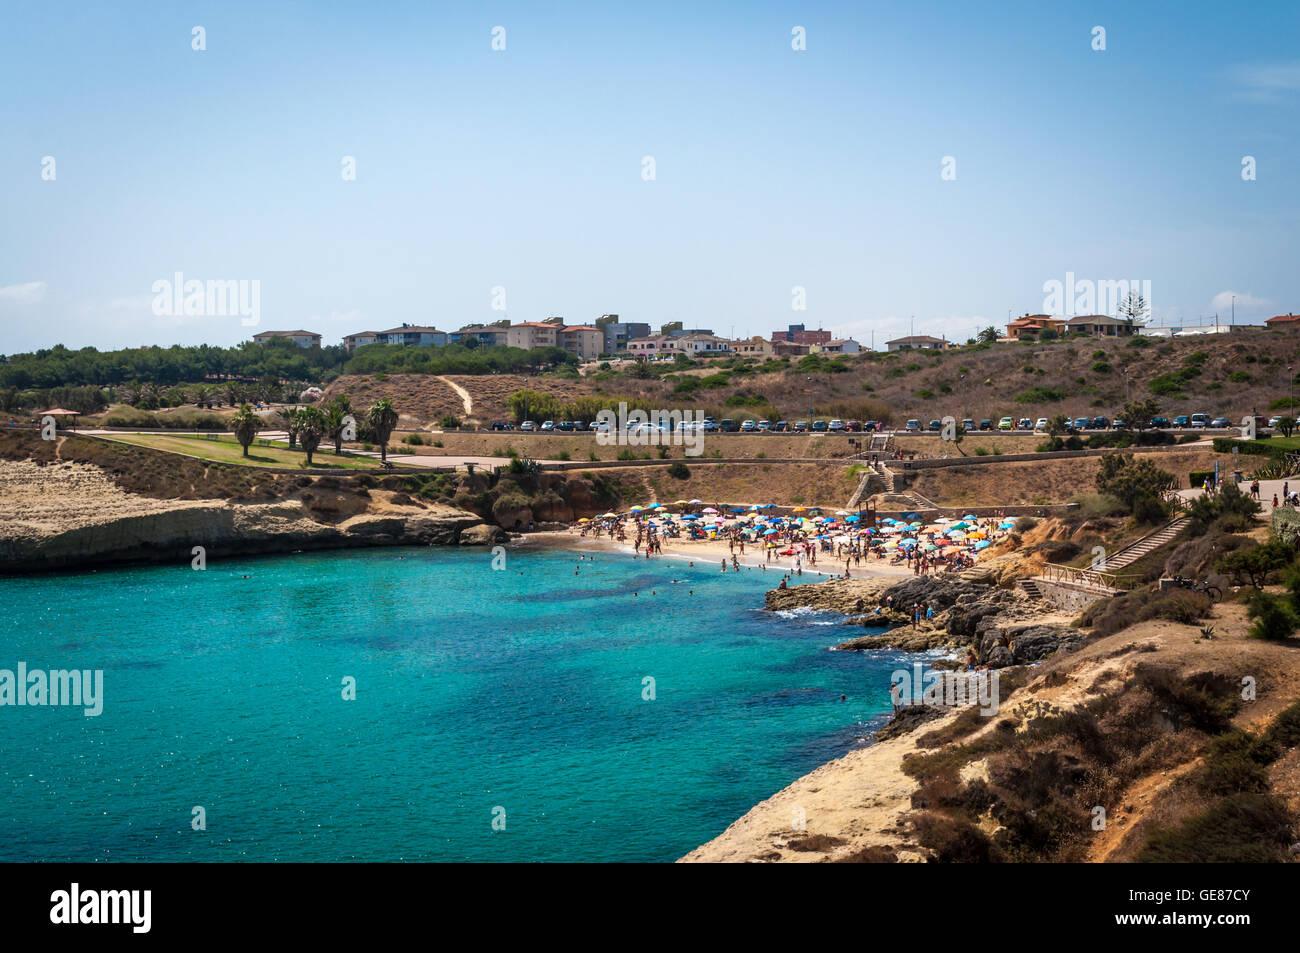 Landschaft der Strand von Balai, Sardinien, an einem sonnigen Tag des Sommers Stockbild